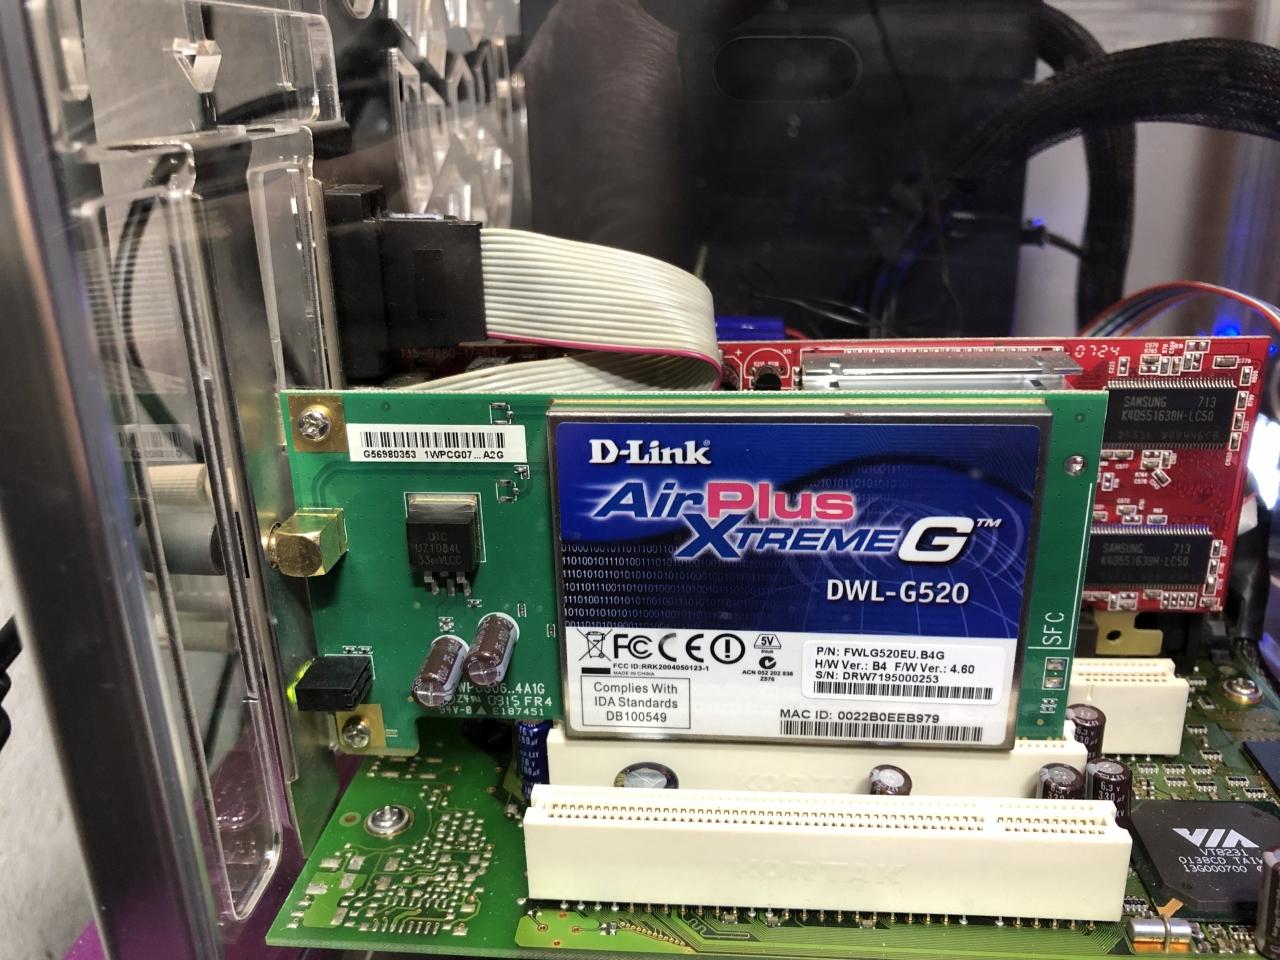 DWL-G520 Wifi Pegasos